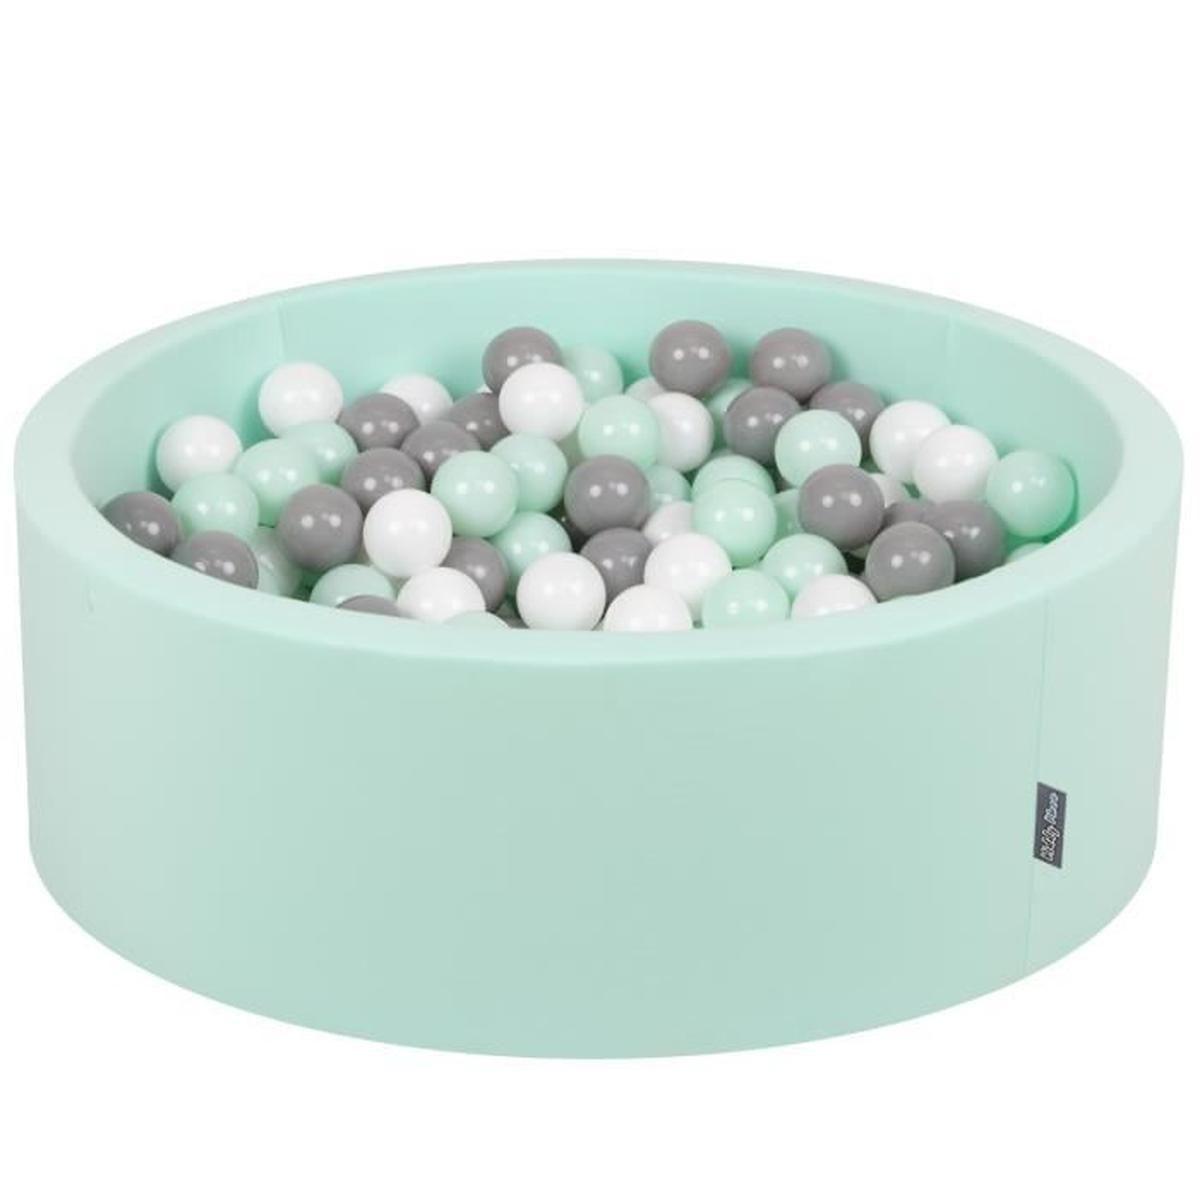 Kiddymoon 90X30Cm/200 Balles ∅ 7Cm Piscine À Balles Pour ... à Piscine À Balles Bébé